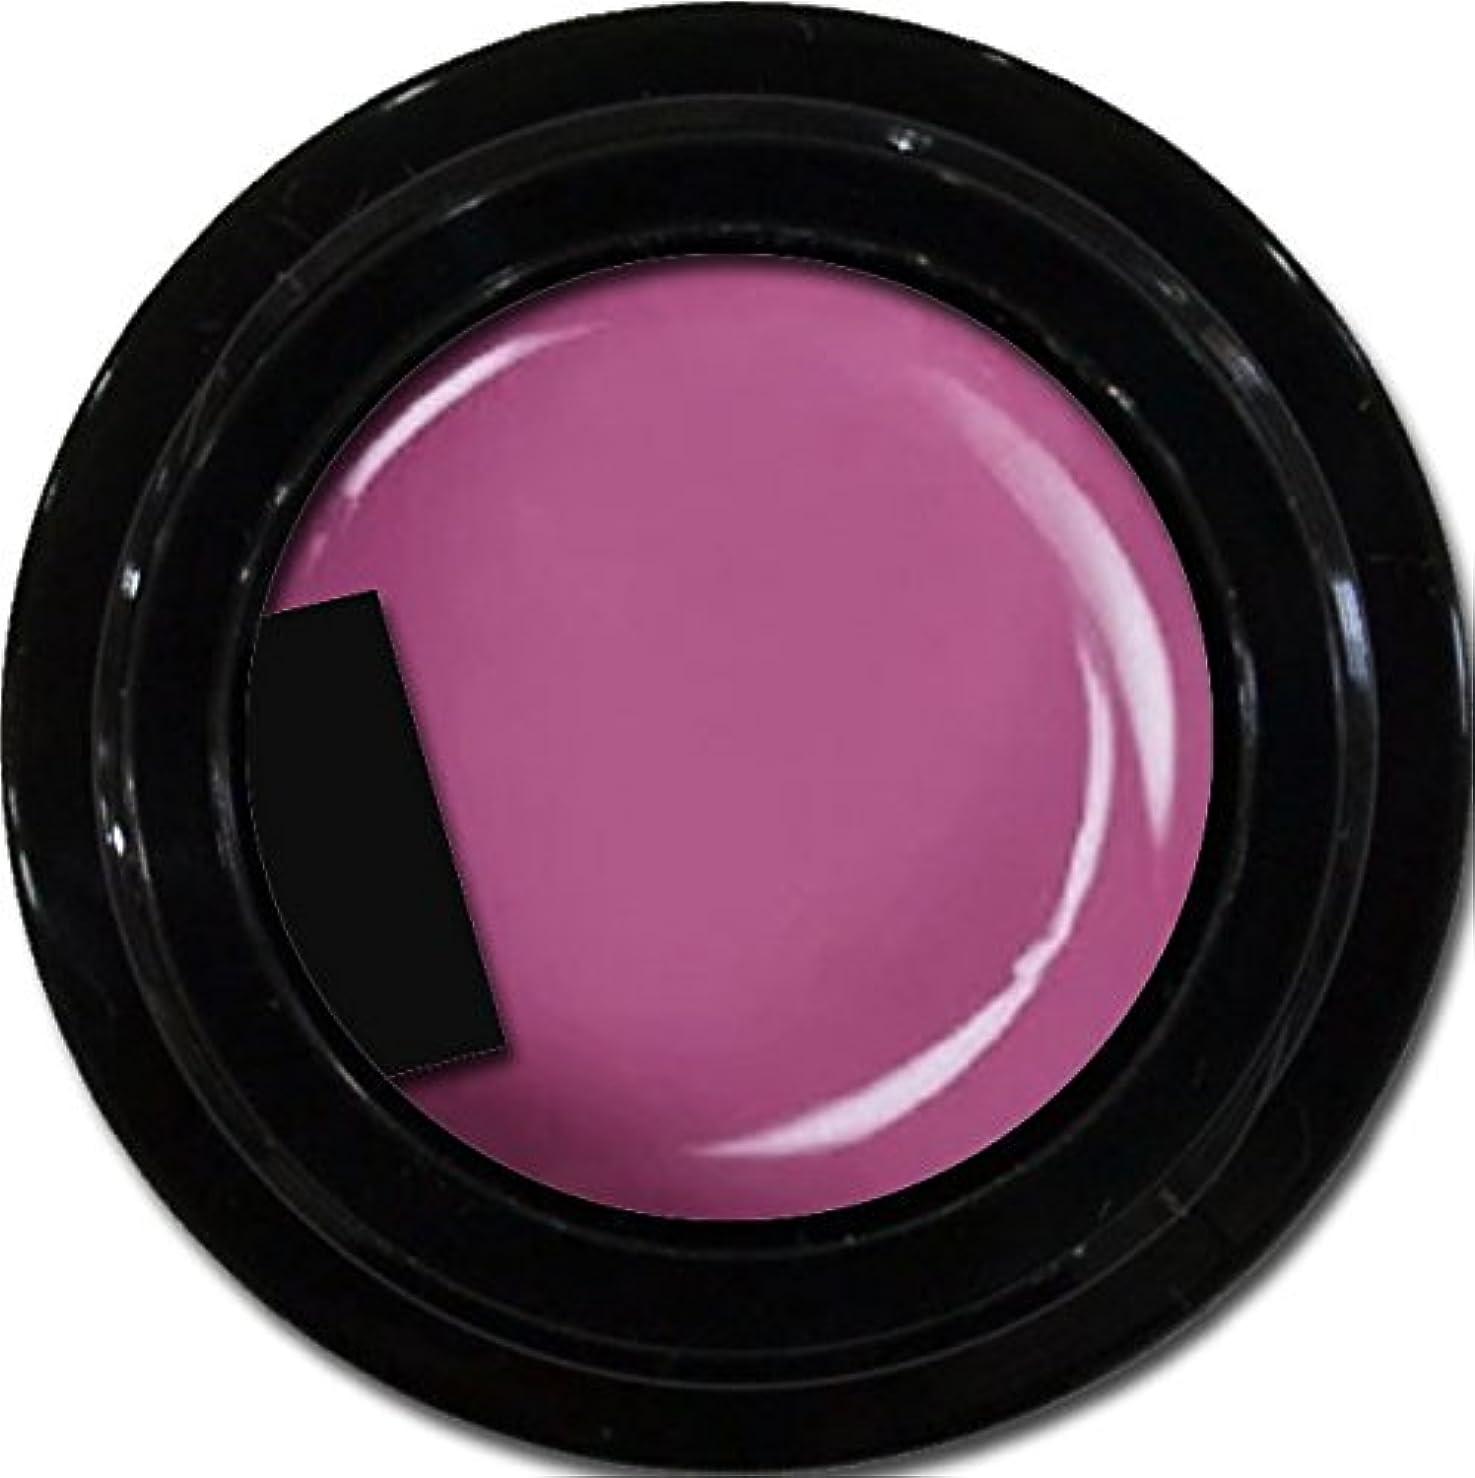 国籍神話取り付けカラージェル enchant color gel M513 RubyViolet3g/ マットカラージェル M513ルビーヴァイオレット 3グラム